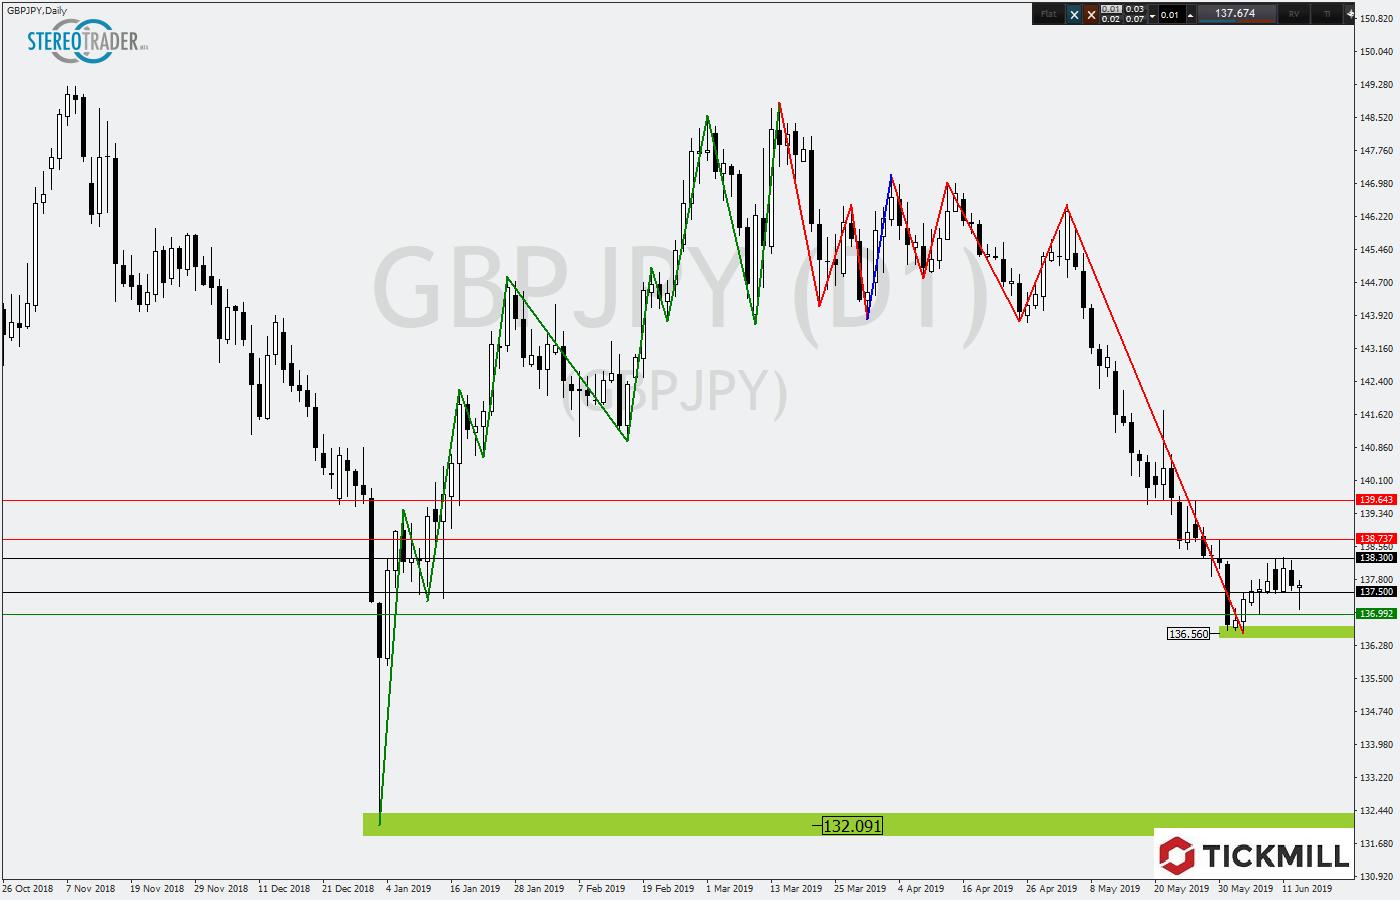 Tickmill-Analyse: GBPJPY mit bärischem Rangebruch